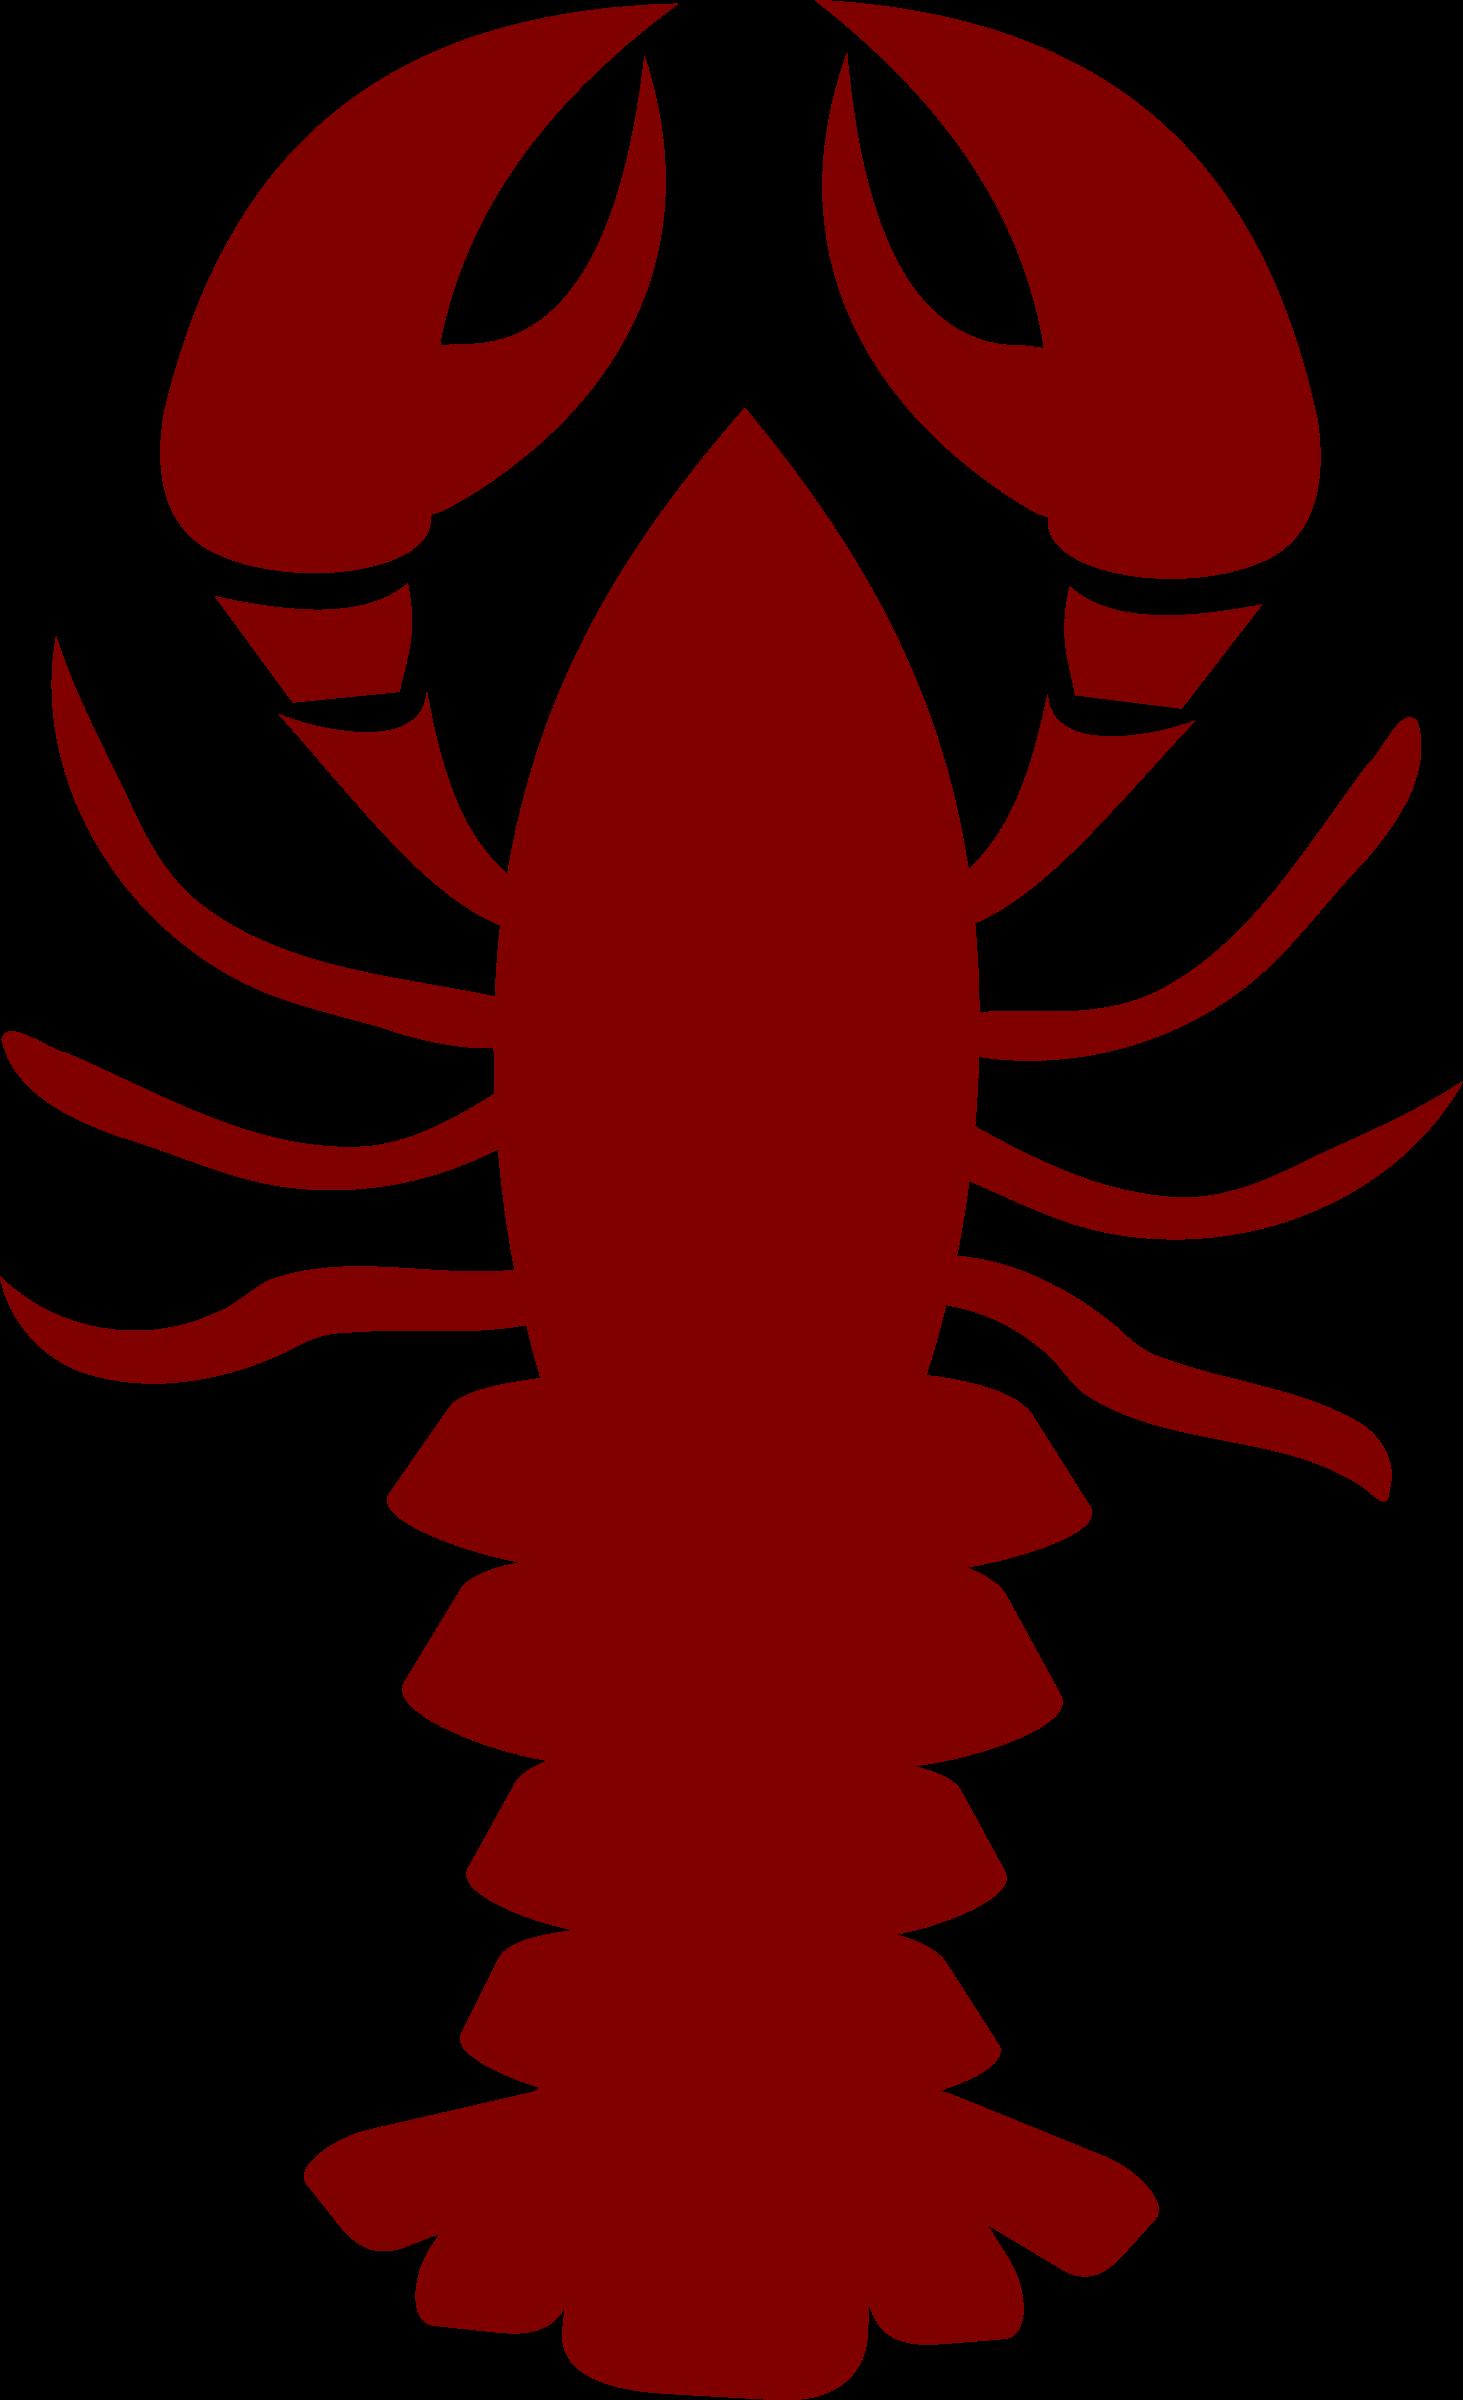 Lobster Png 3 Image